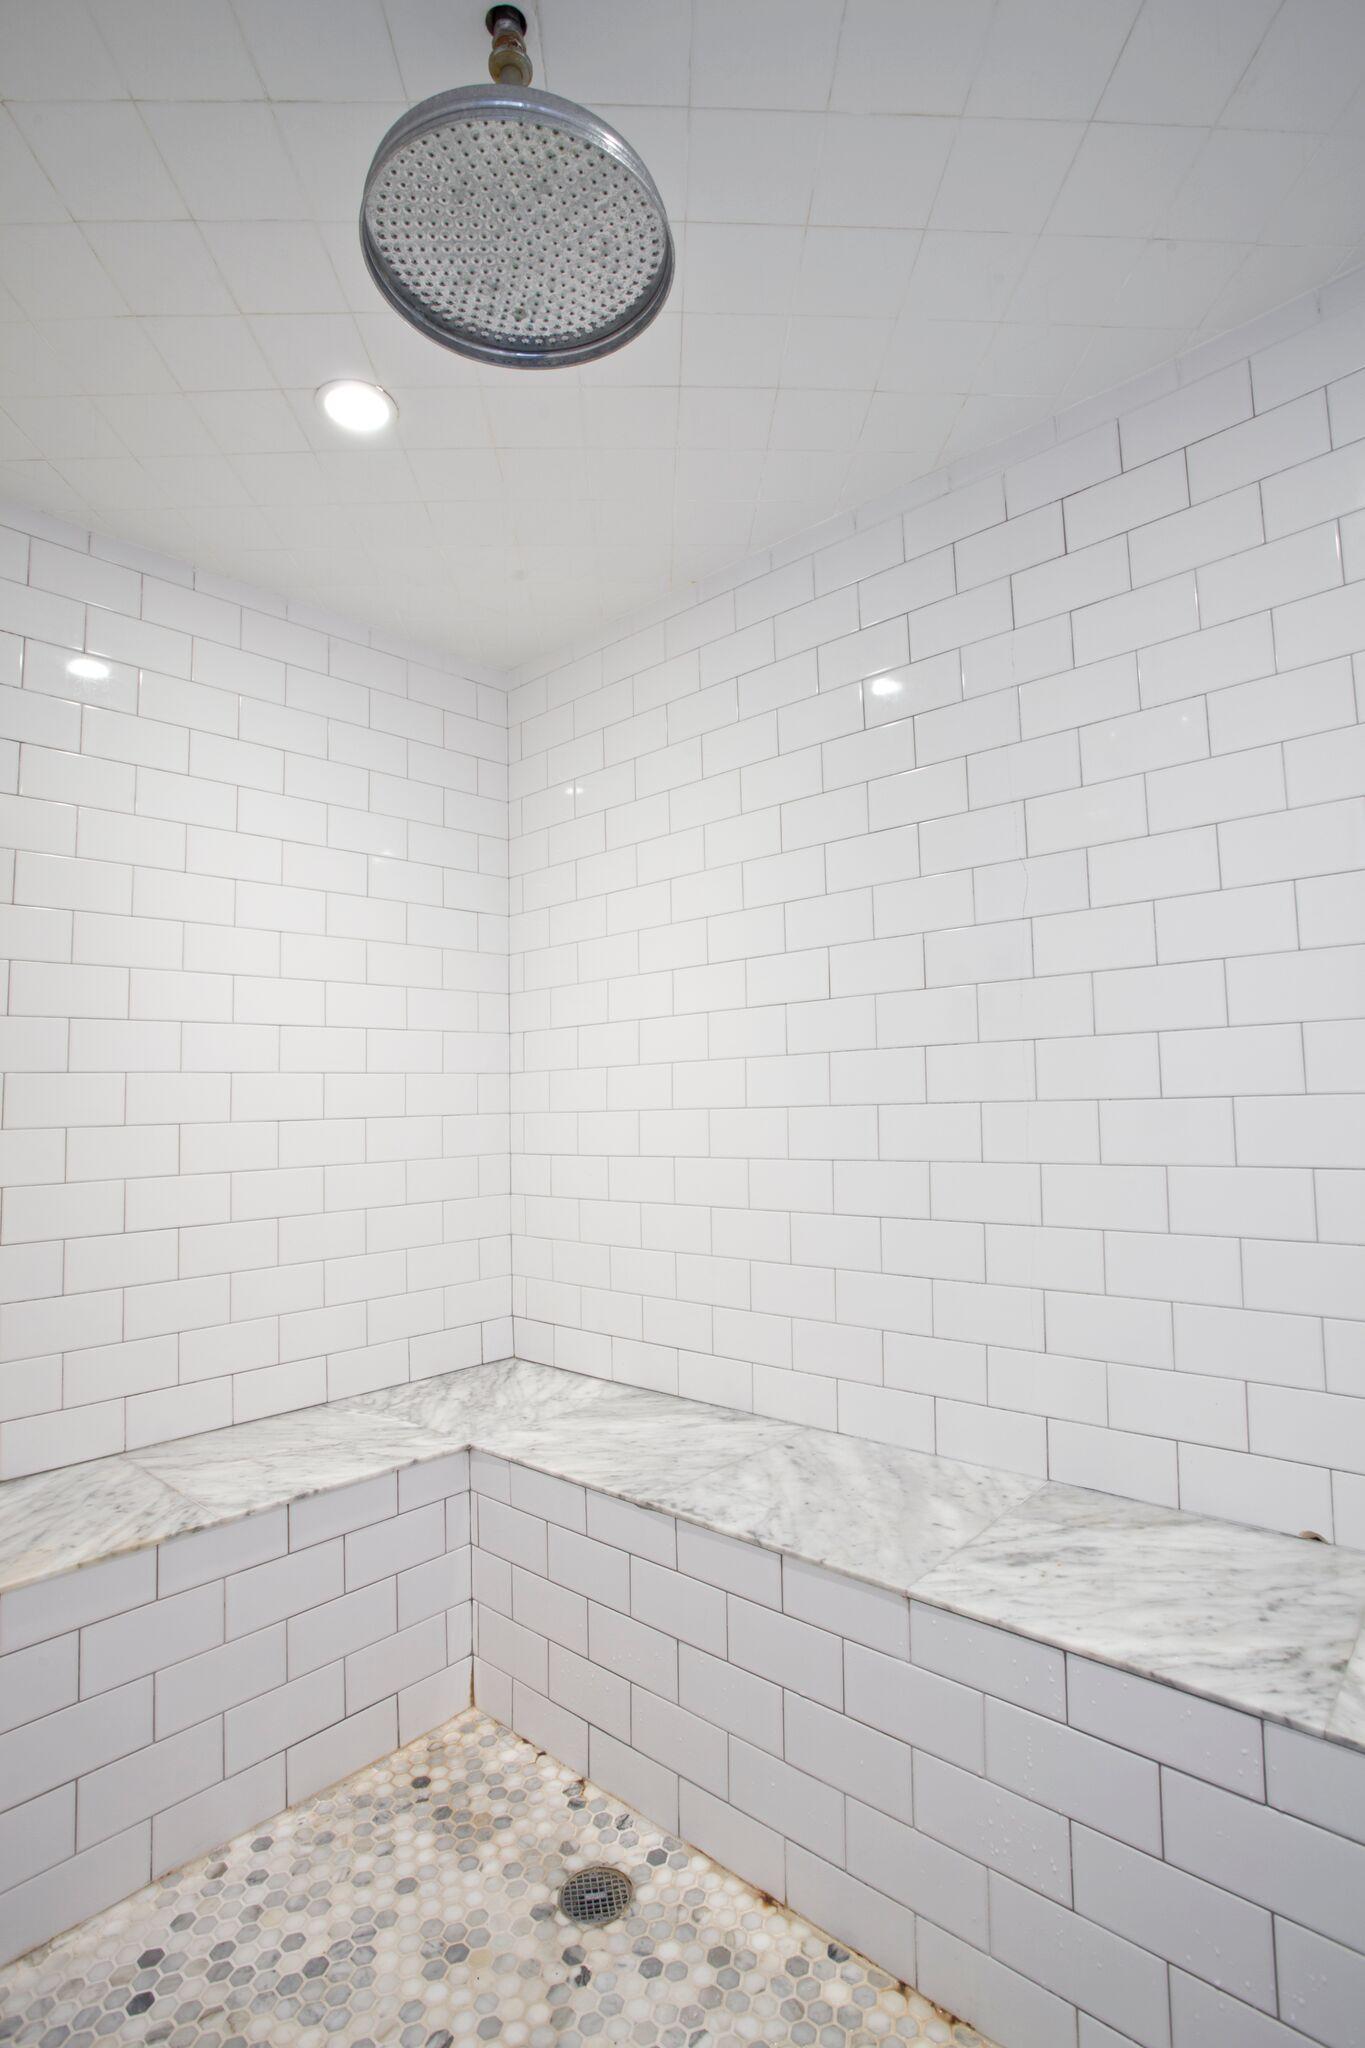 44-Sunrise-BathroomShower-1_preview.jpg